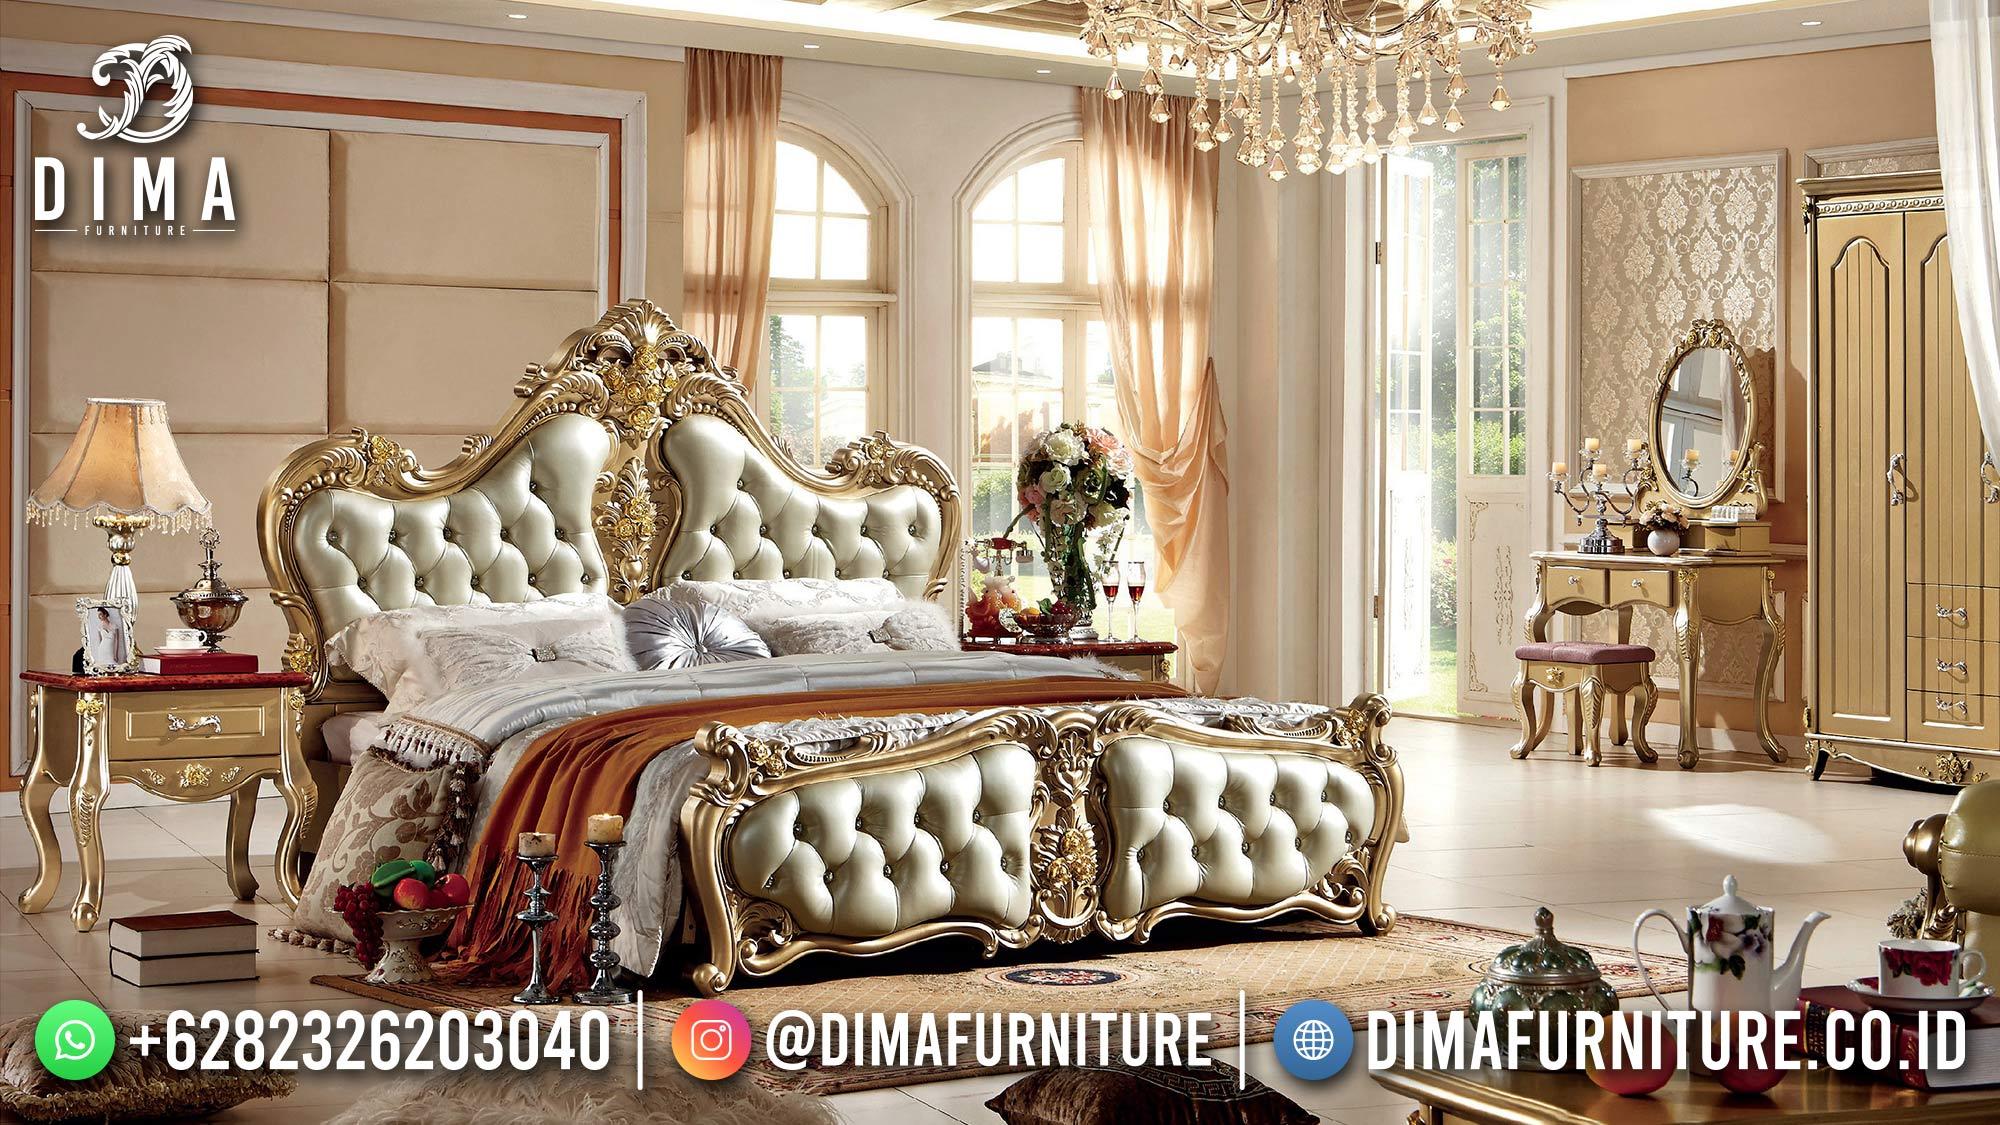 Ranjang Sultan Mewah, Tempat Tidur Mewah Jepara, 1 Set Tempat Tidur Pengantin DF-1531